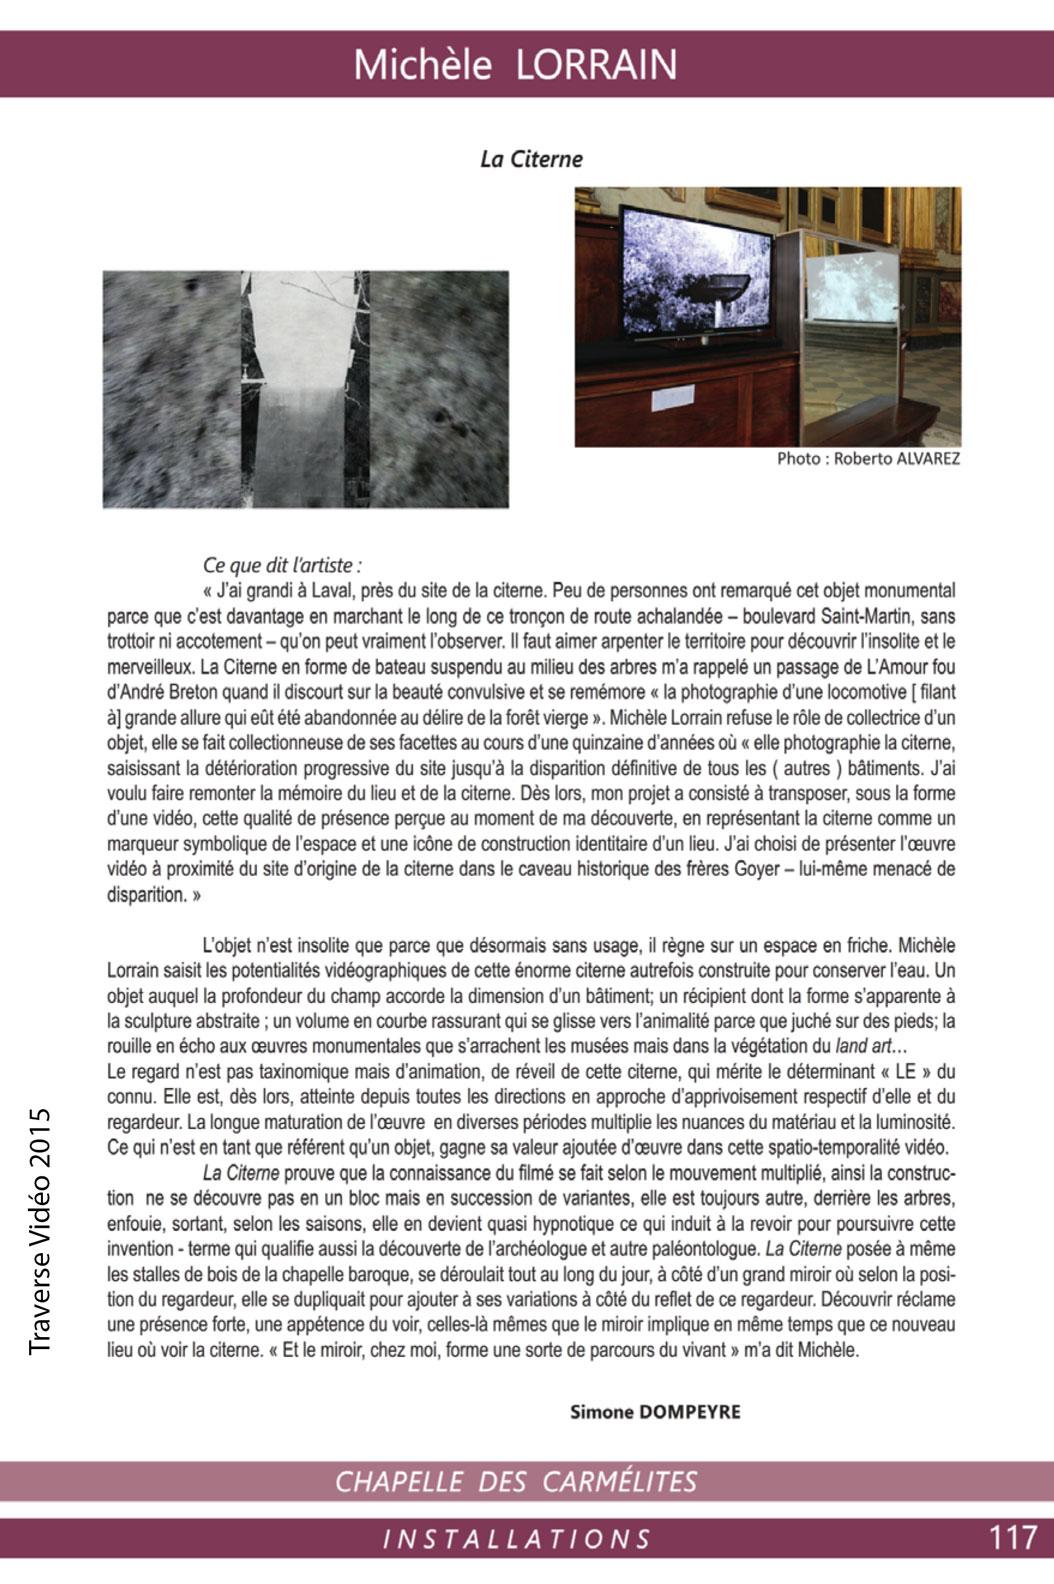 LaCiterneTexteTraverseVidéo2015web